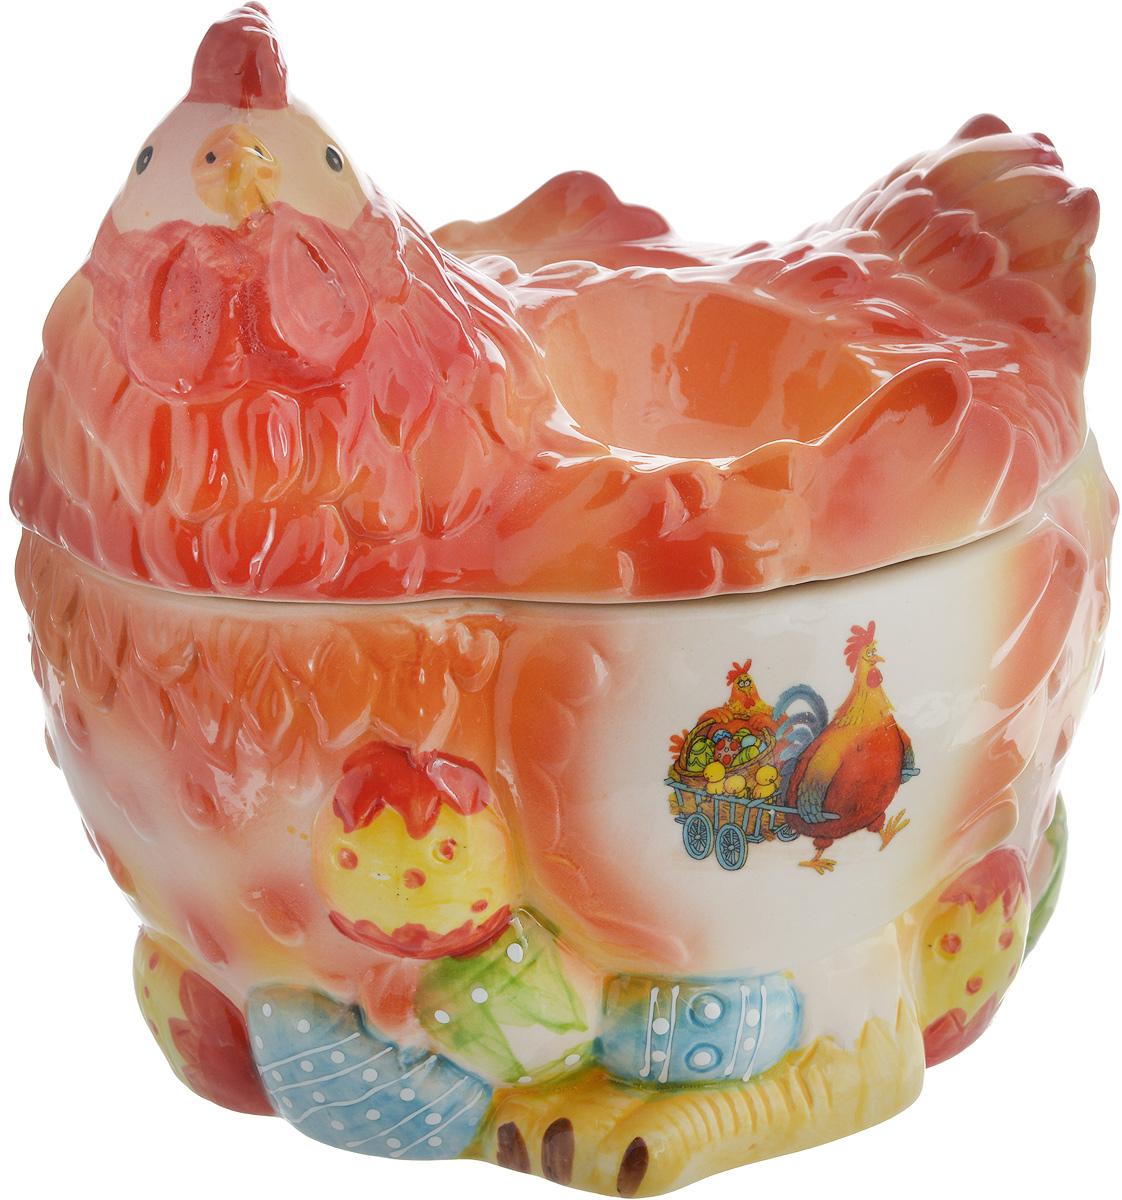 Ваза Win Max Курочка, для пасхальных яиц и угощений, 18 х 20 х 16 см115510Ваза Win Max изготовлена из высококачественной керамики с глазурованным покрытием и оформлена рельефным рисунком. Изделие дополнено крышкой, которая выполнена в виде фигурки курочки. На крышке расположены две подставки для яиц. Оригинальный дизайн украсит интерьер вашей кухни, а функциональность порадует любую хозяйку. Размеры емкости (без учета крышки): 18 х 15,5 х 10 смВысота крышки: 10 см